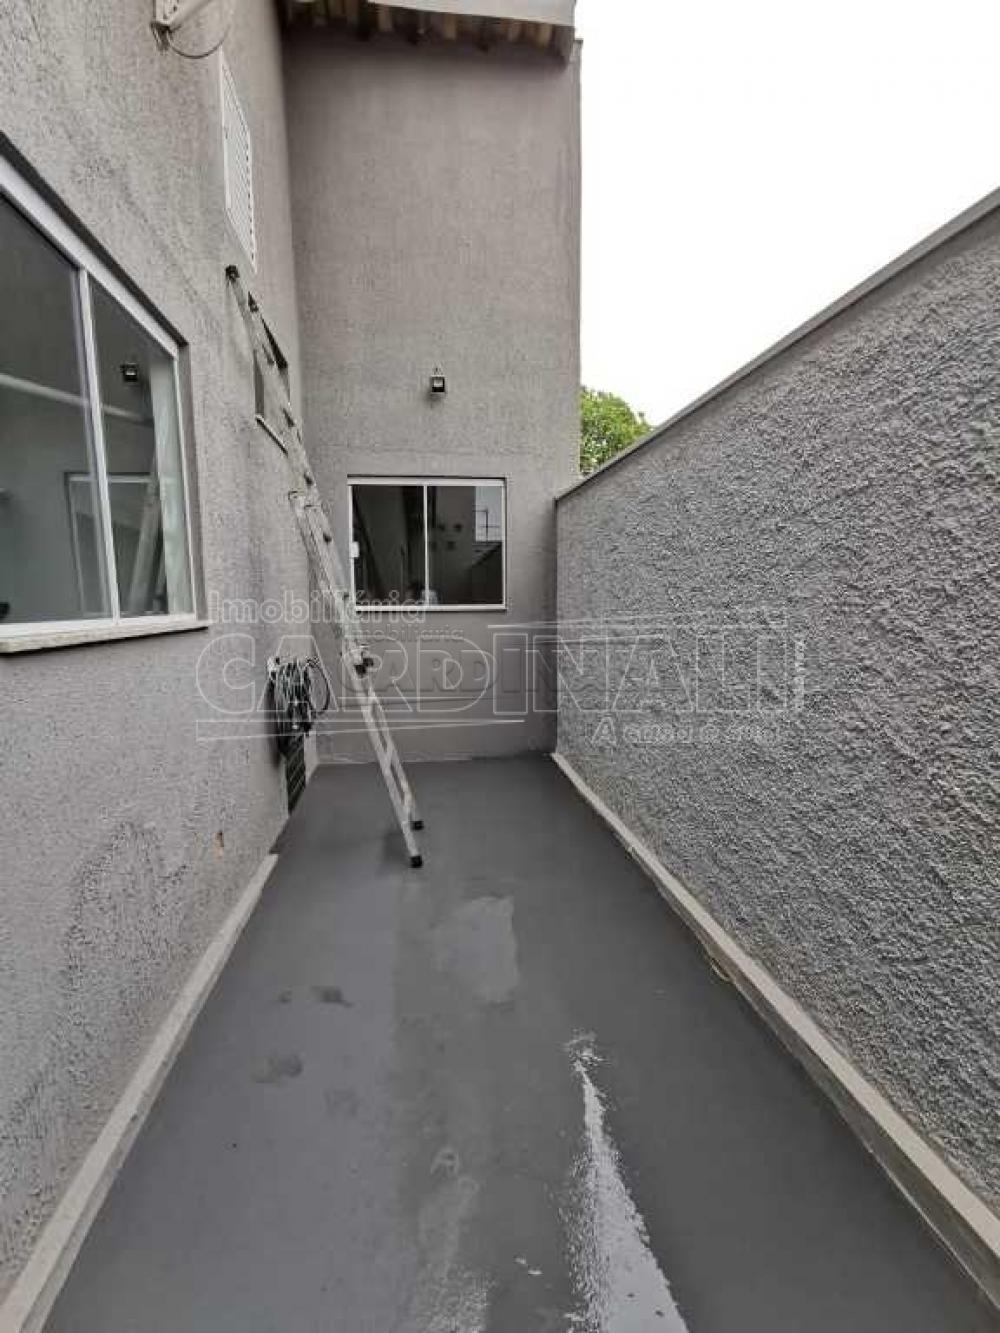 Alugar Comercial / Sala sem Condomínio em Araraquara apenas R$ 1.000,00 - Foto 15